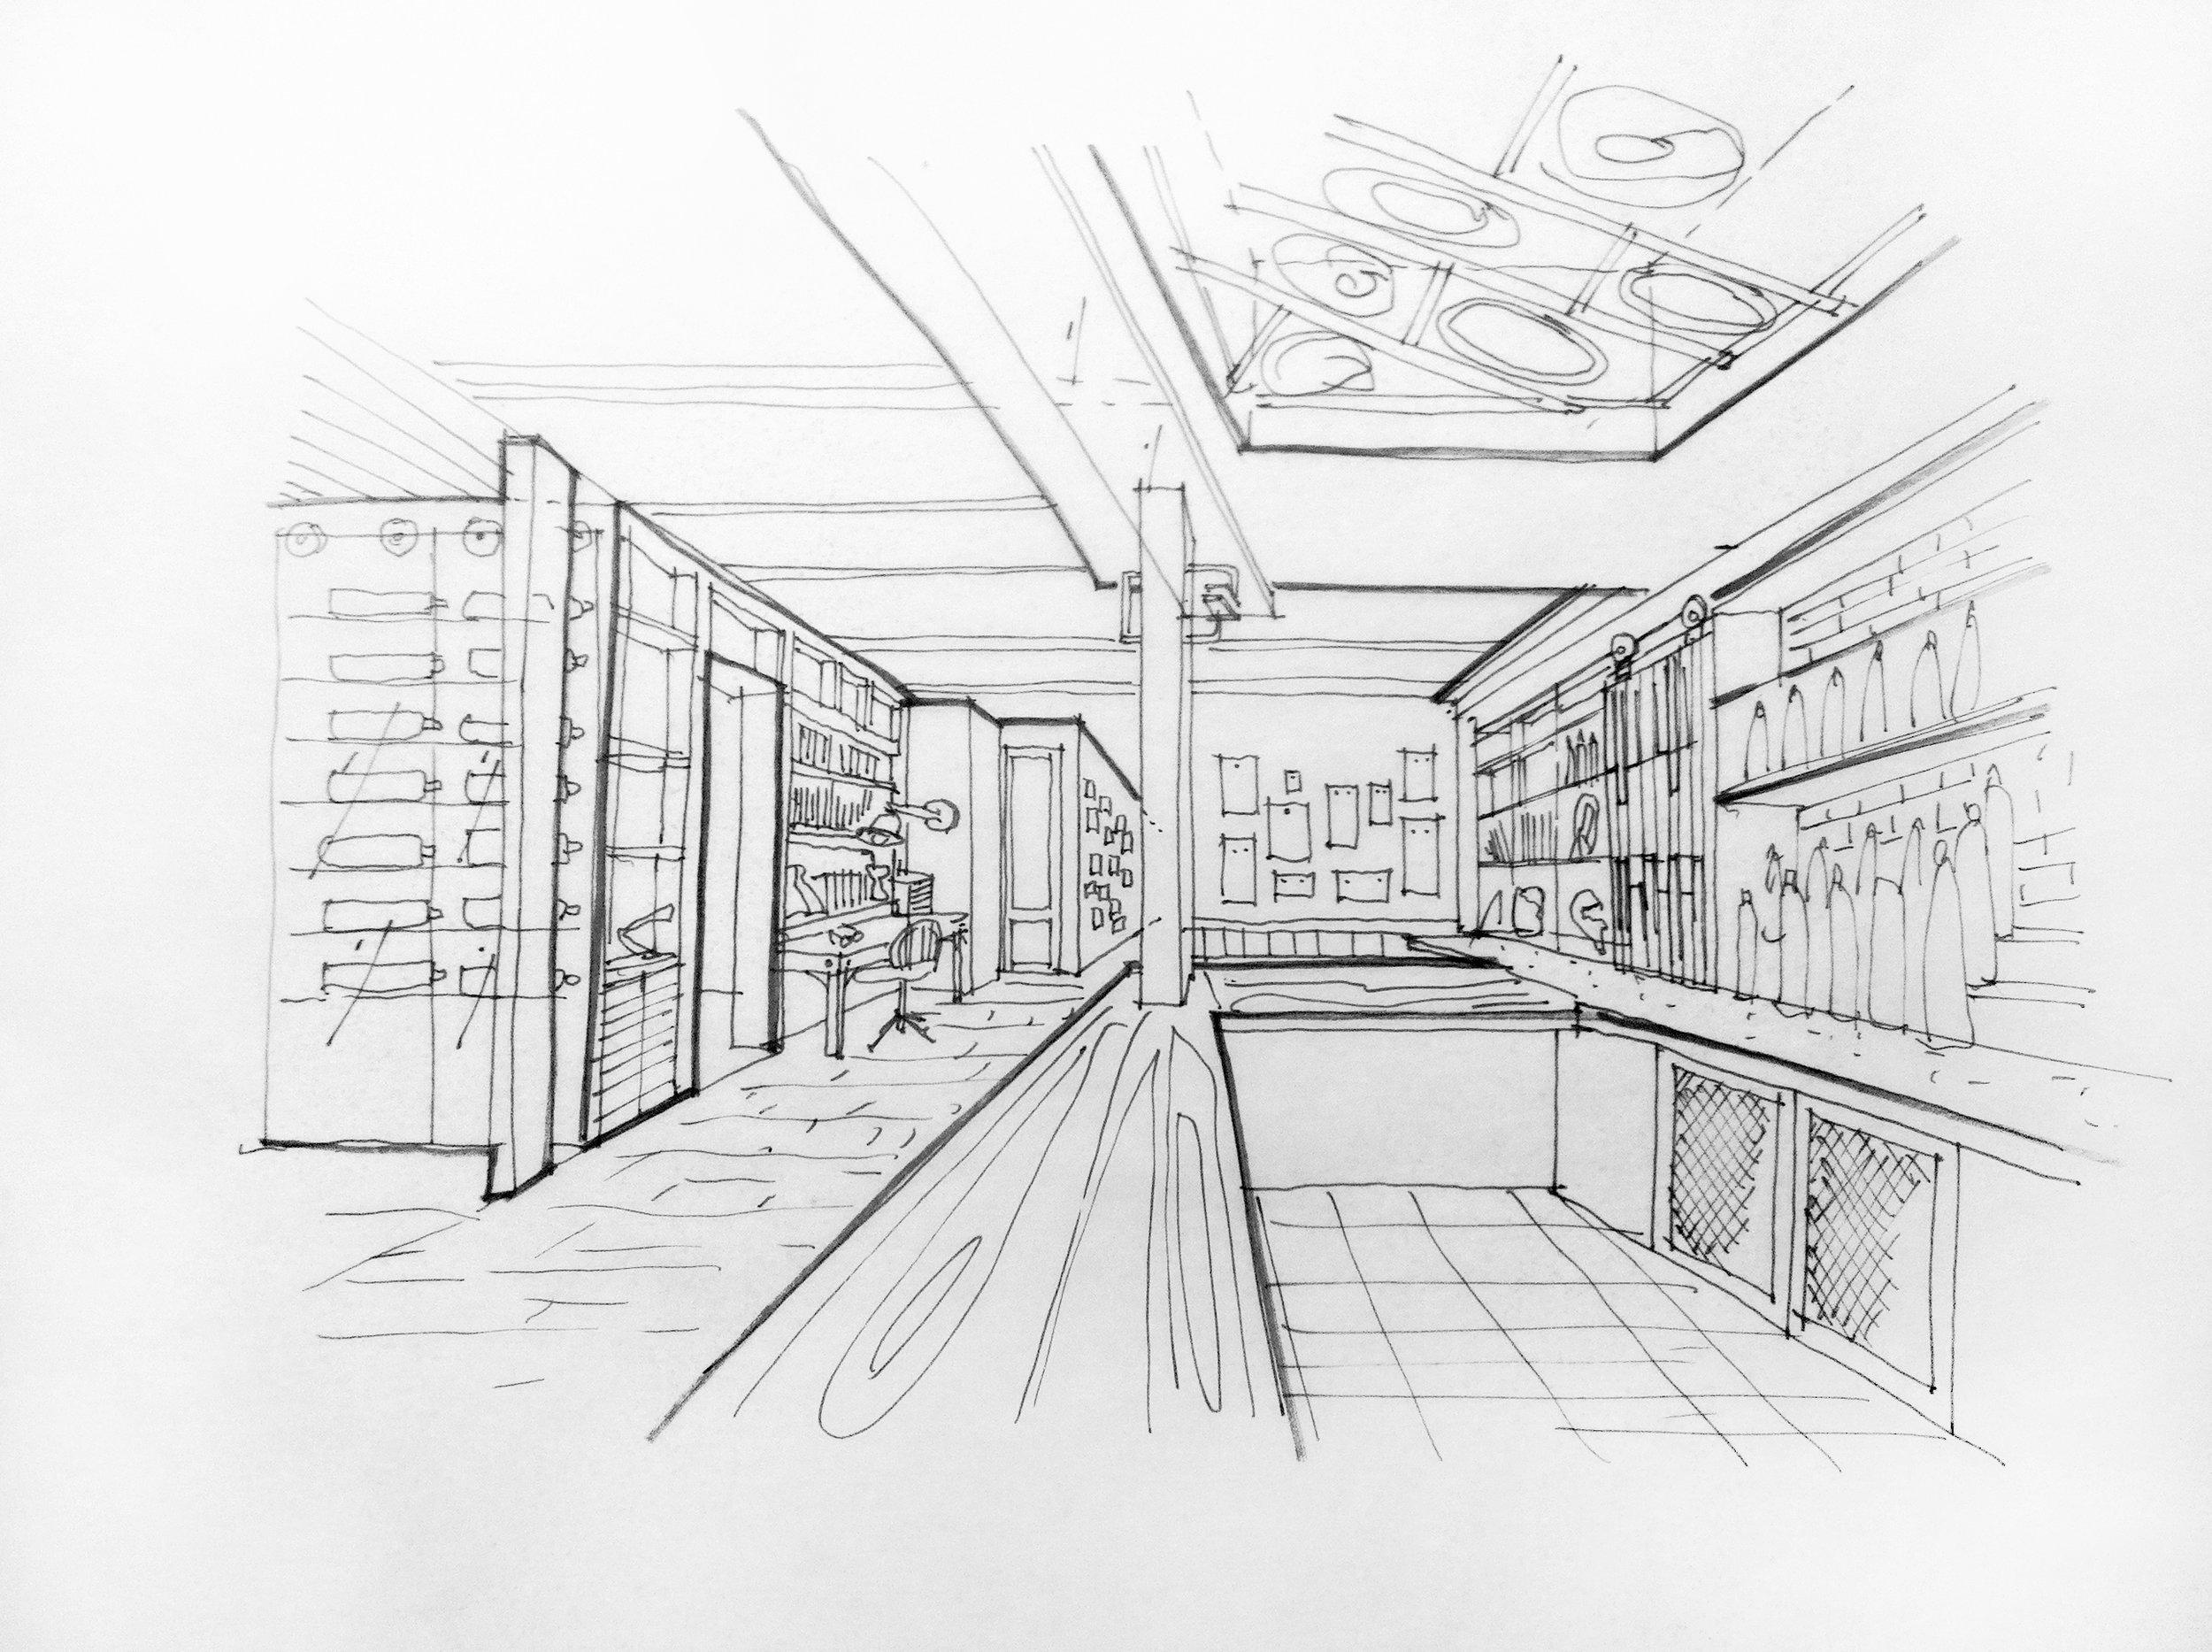 studio-saint-bars-and-restaurants-suna-and-harold-black-washington-dc-sketch-2